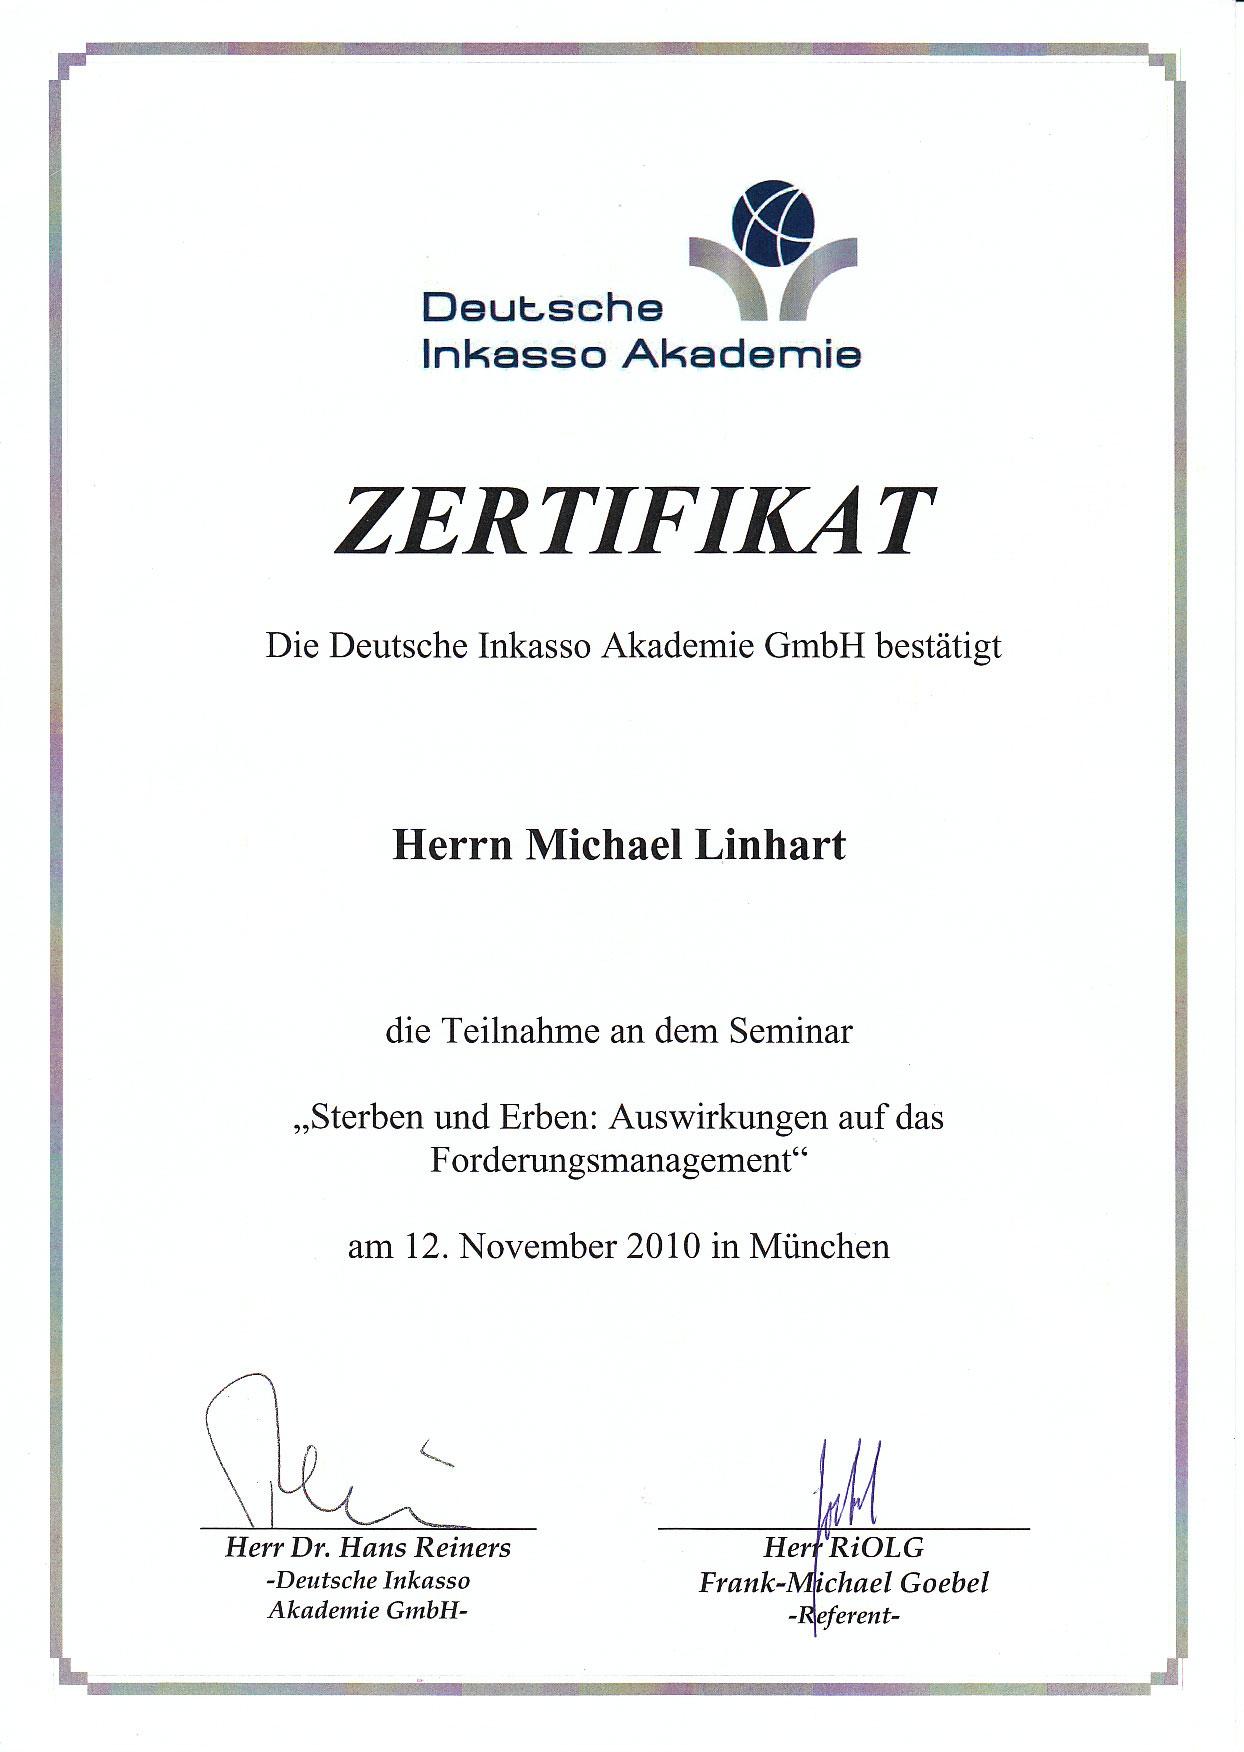 Niedlich Zertifikat Der Erkennungsvorlagen Fotos - Entry Level ...